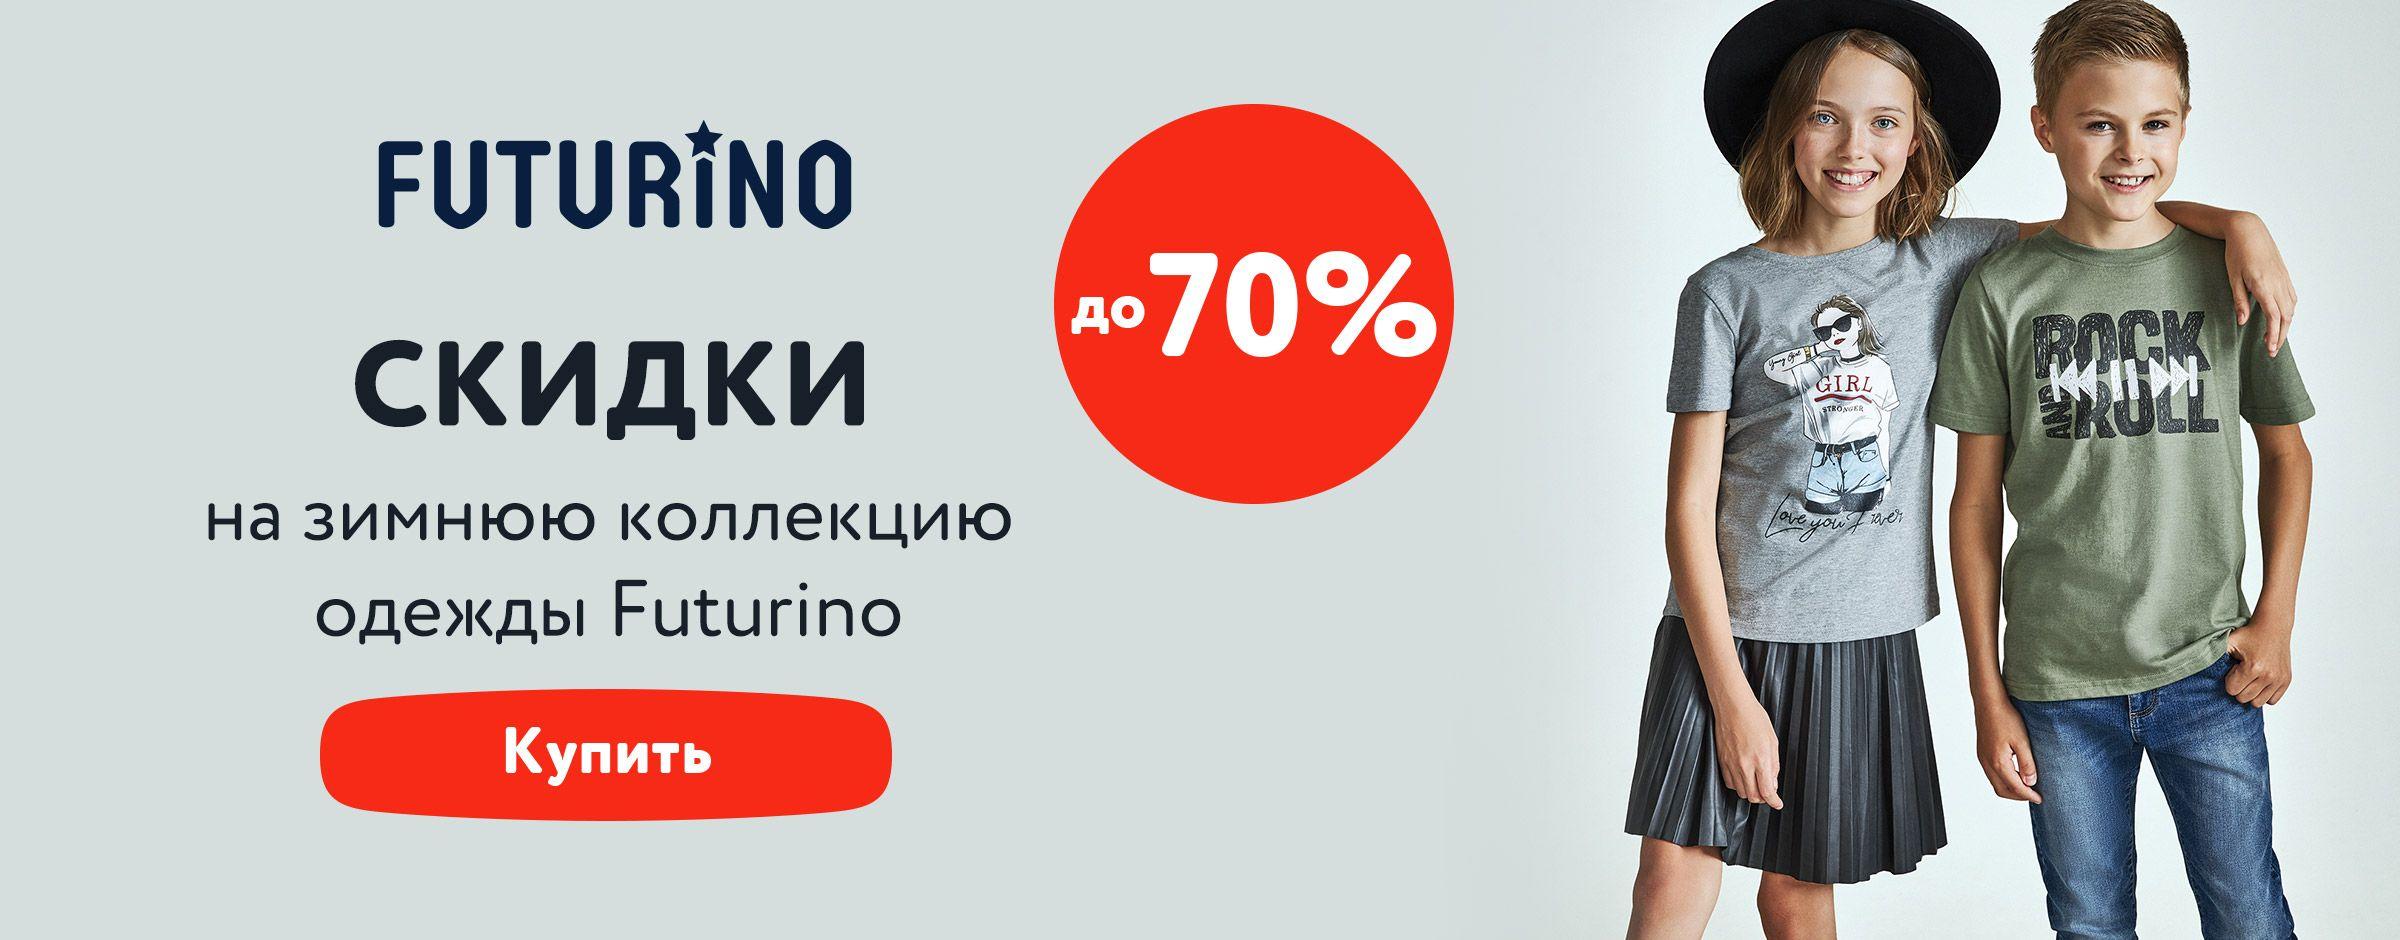 До 70% на зимнюю коллекцию одежды Futurino статика+категория